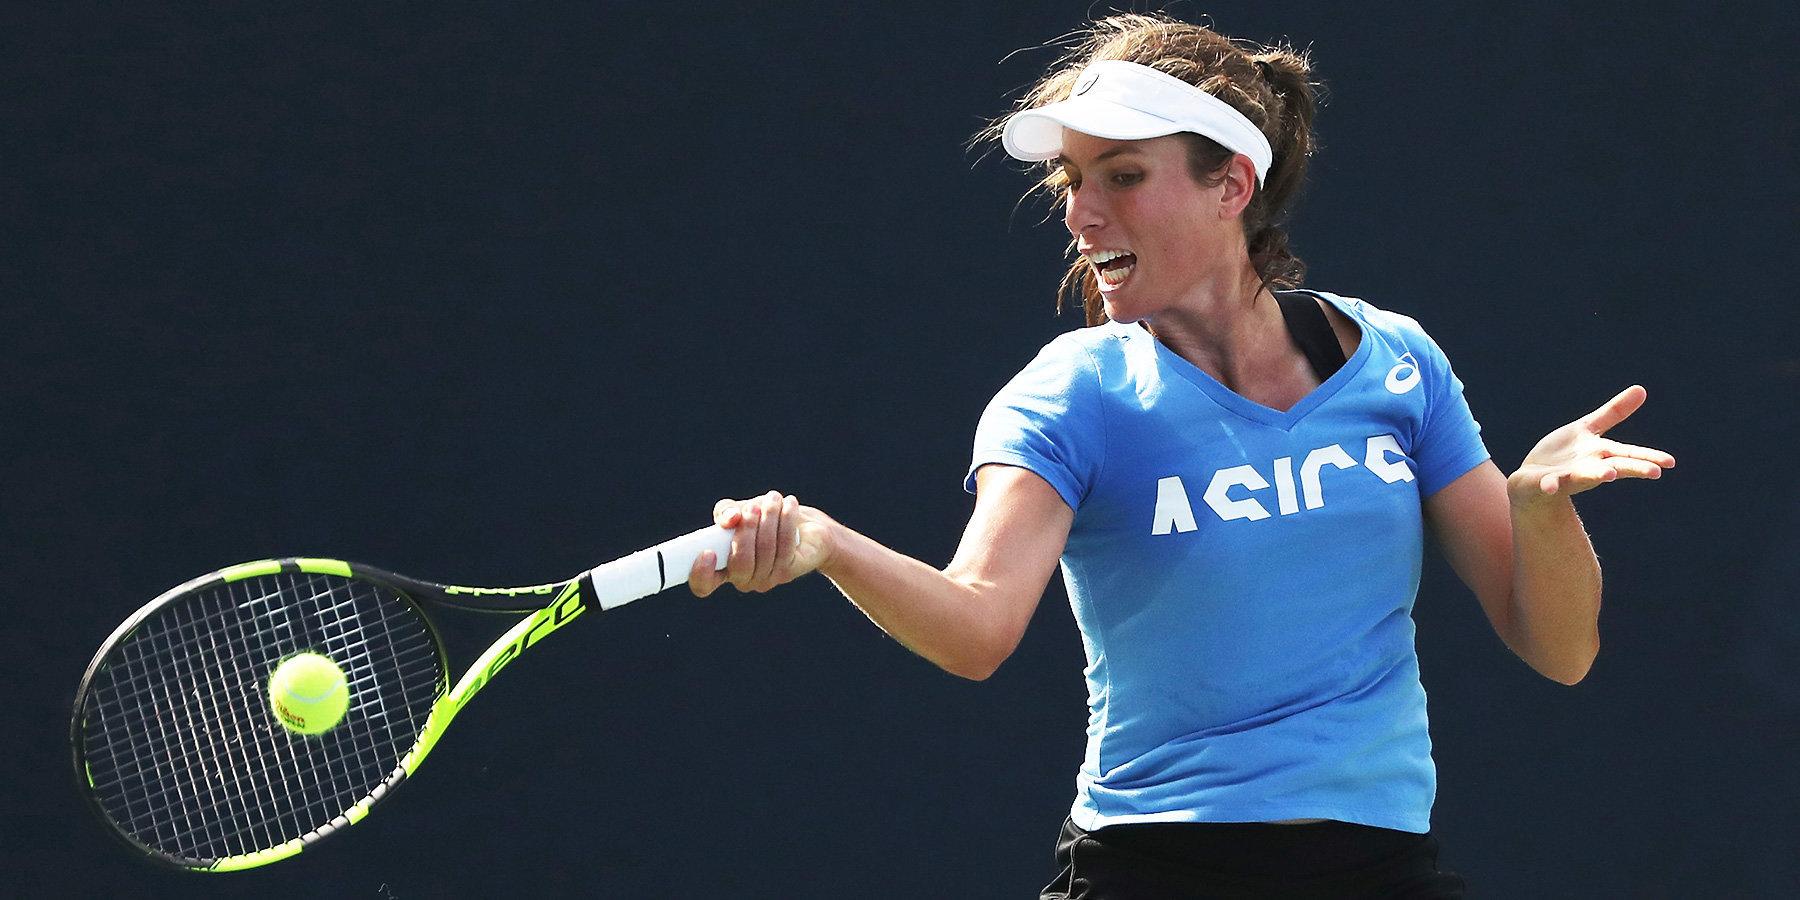 Конта выступила против идеи Федерера объединить ATP и WTA